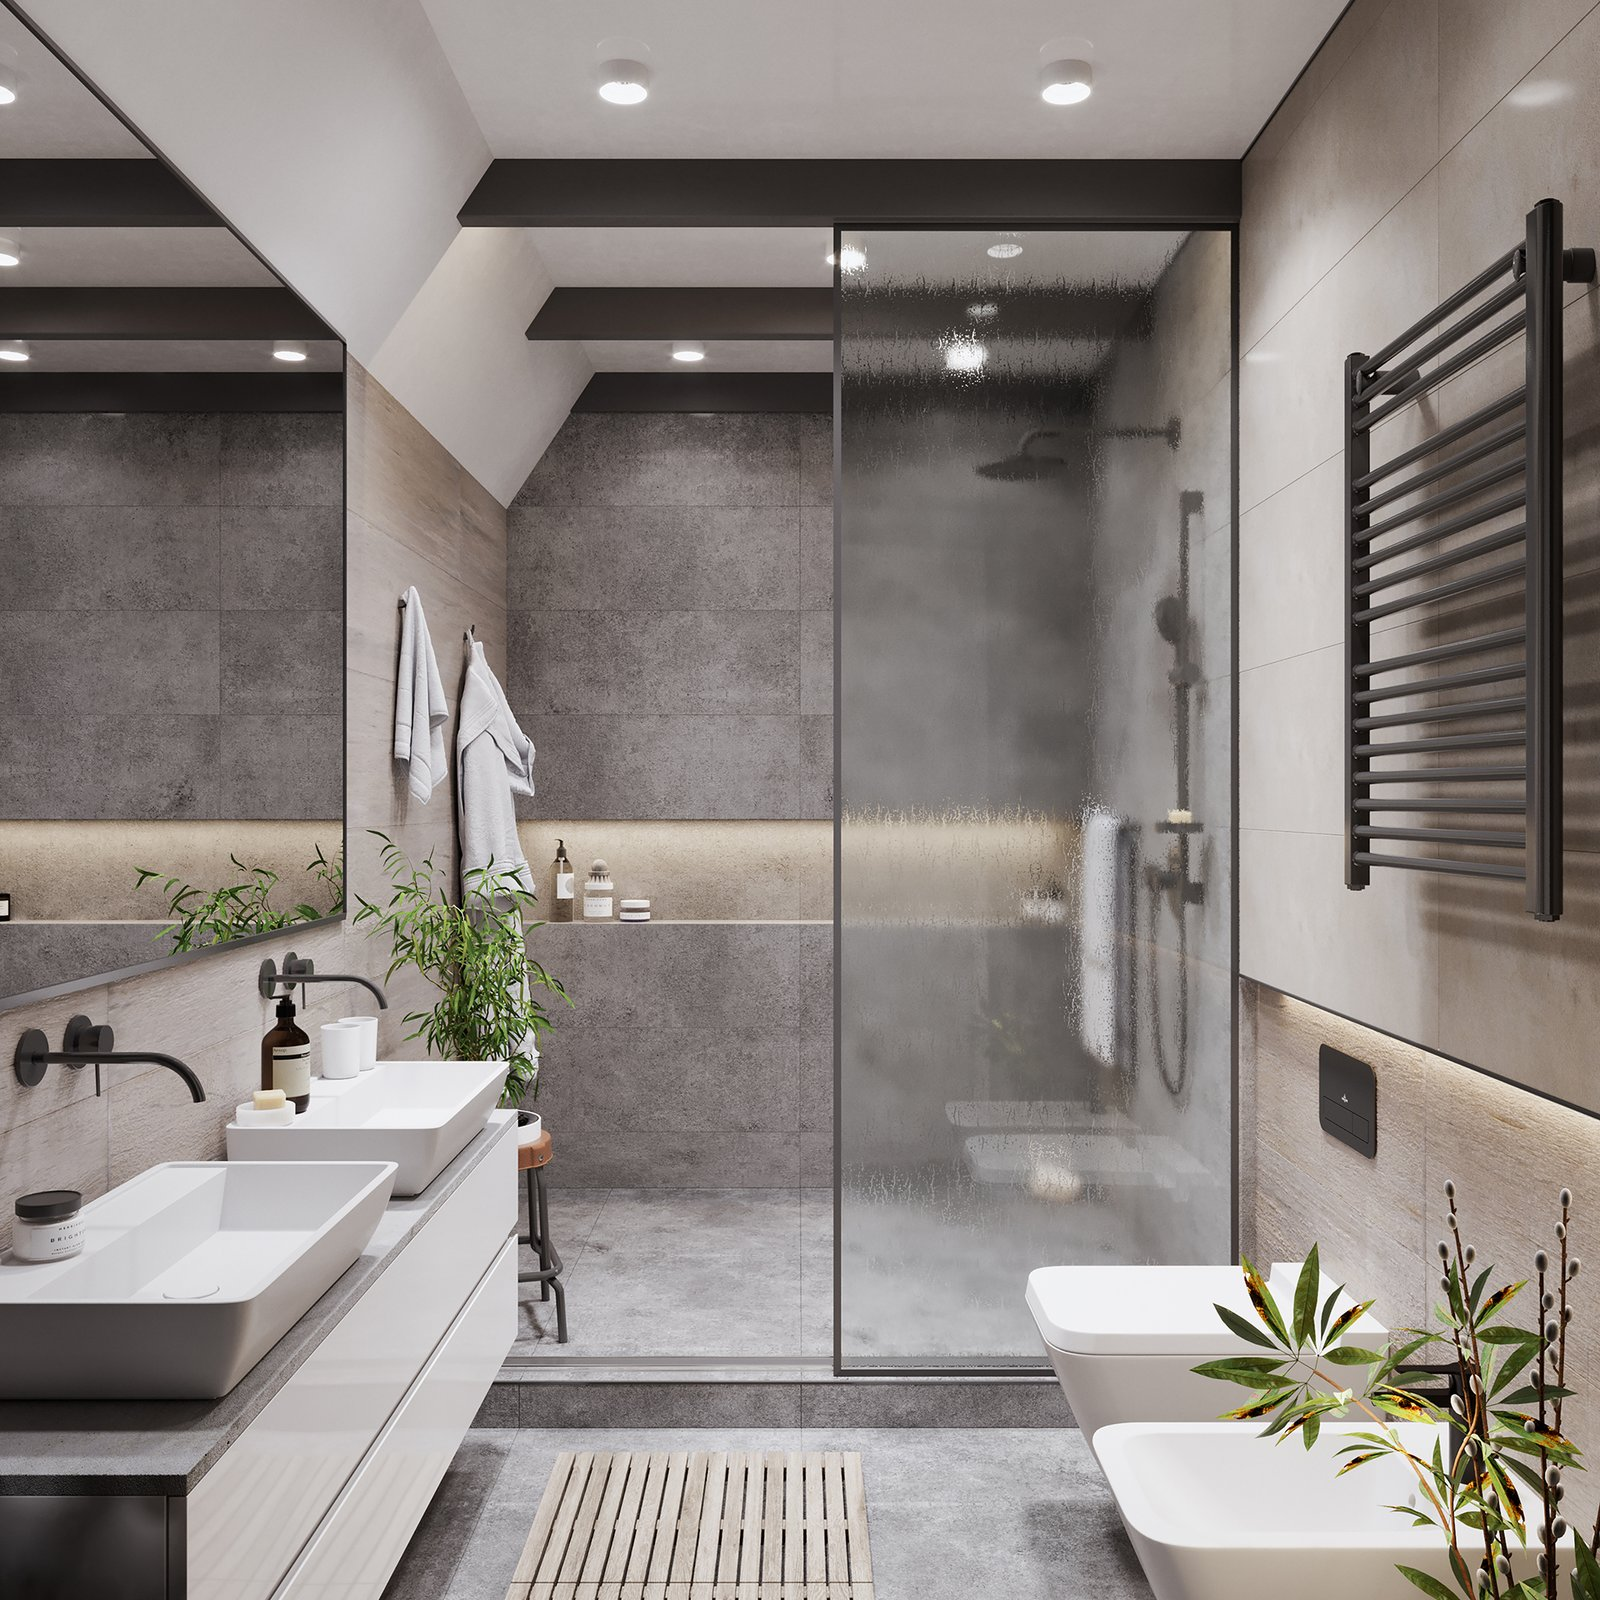 25 Best Modern Bathroom Vanities For Your Home